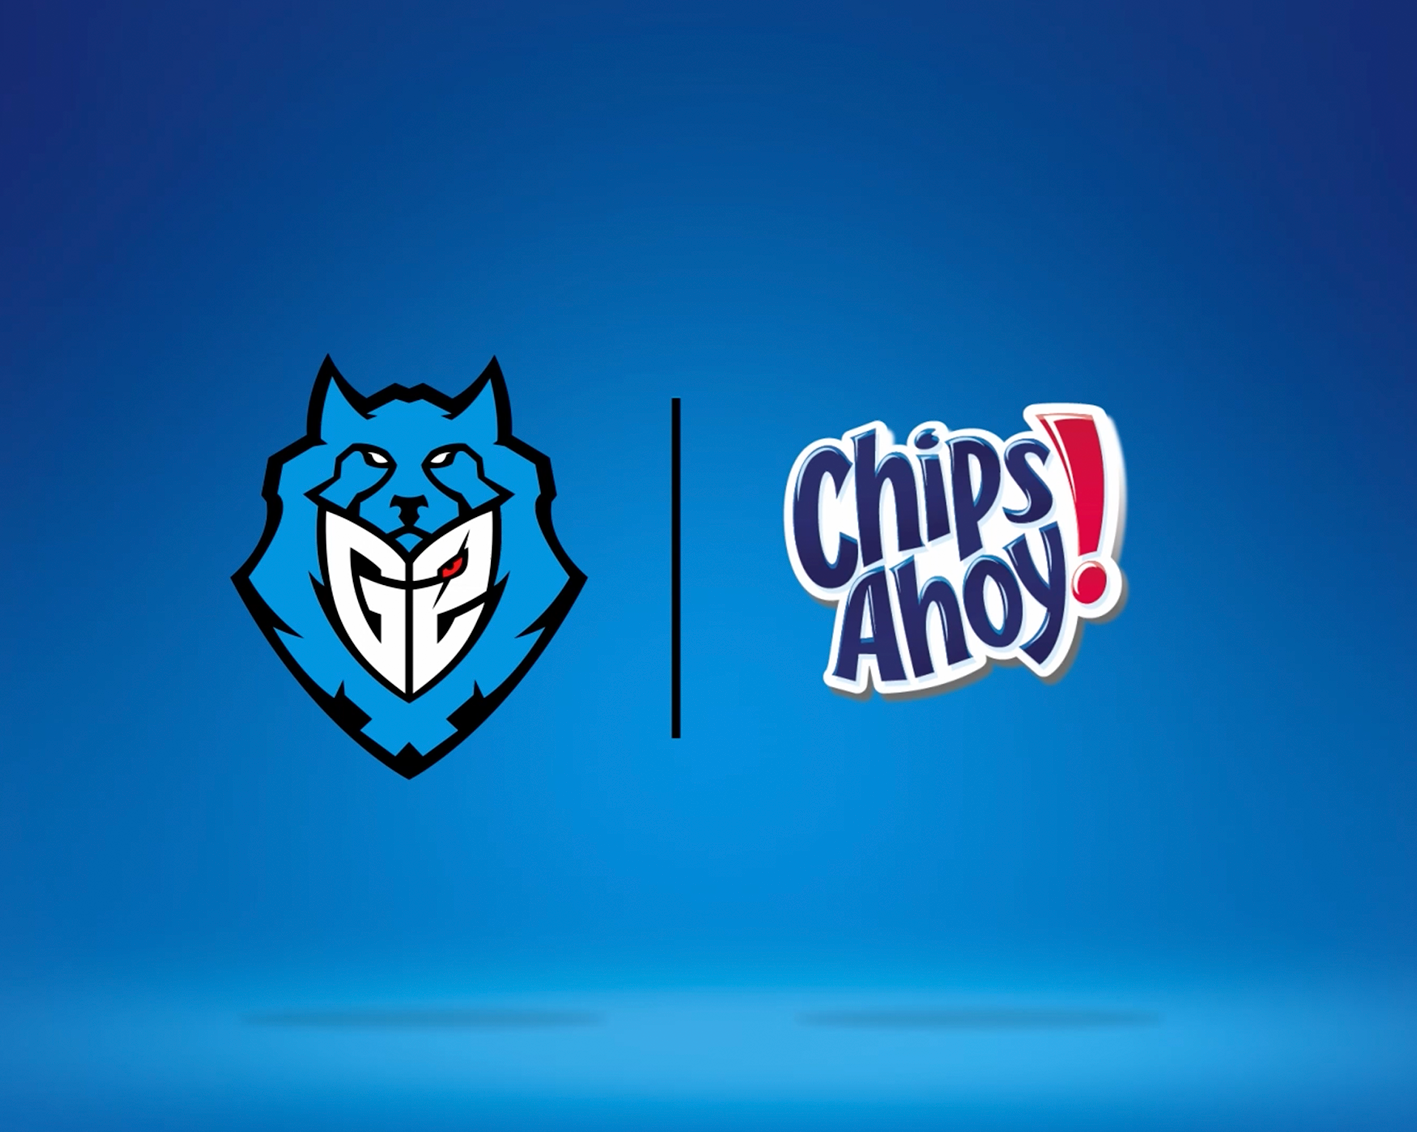 Chips Ahoy!<br>patrocinador oficial<br>de G2ARCTIC